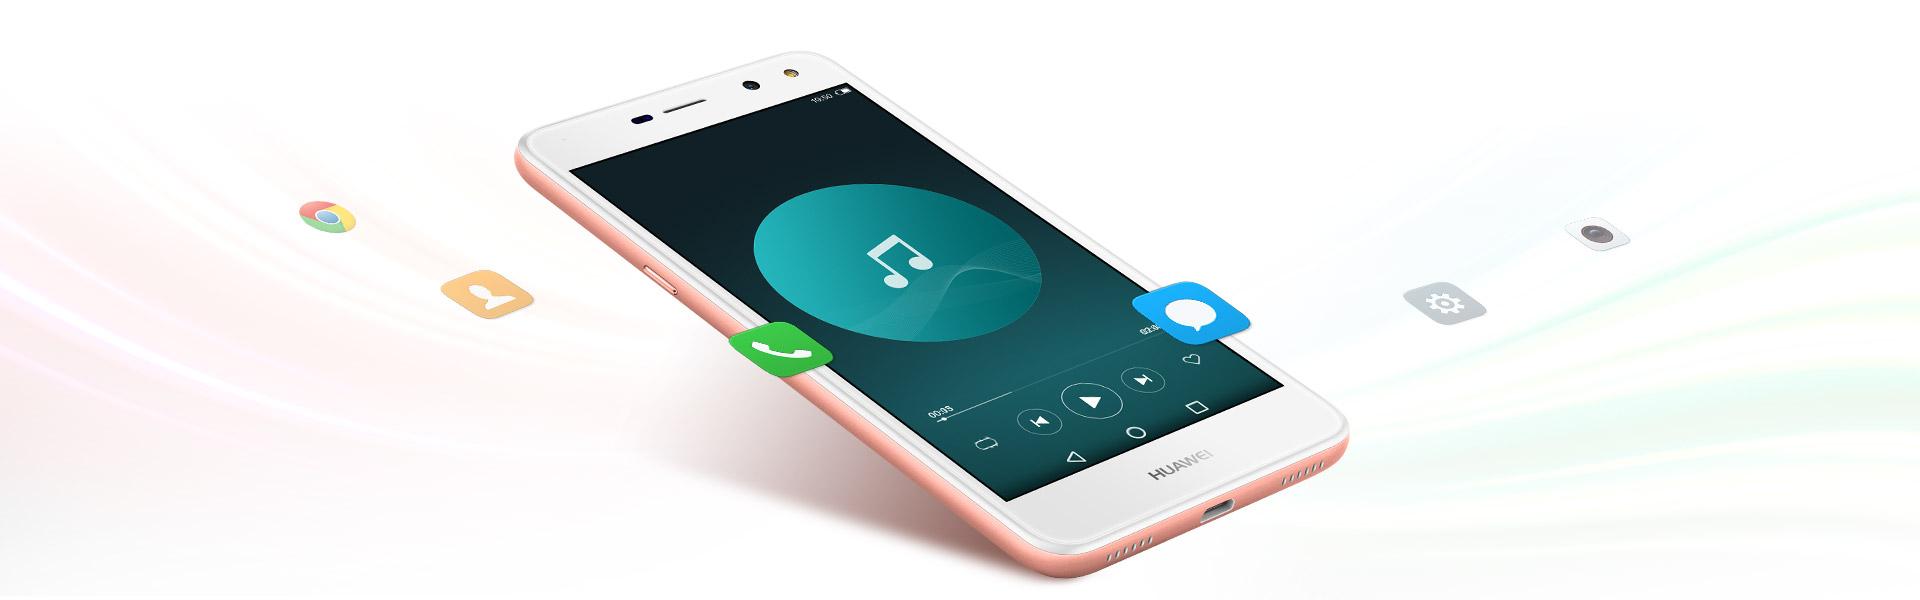 Huawei Y6 Smart Phone 2017 Image